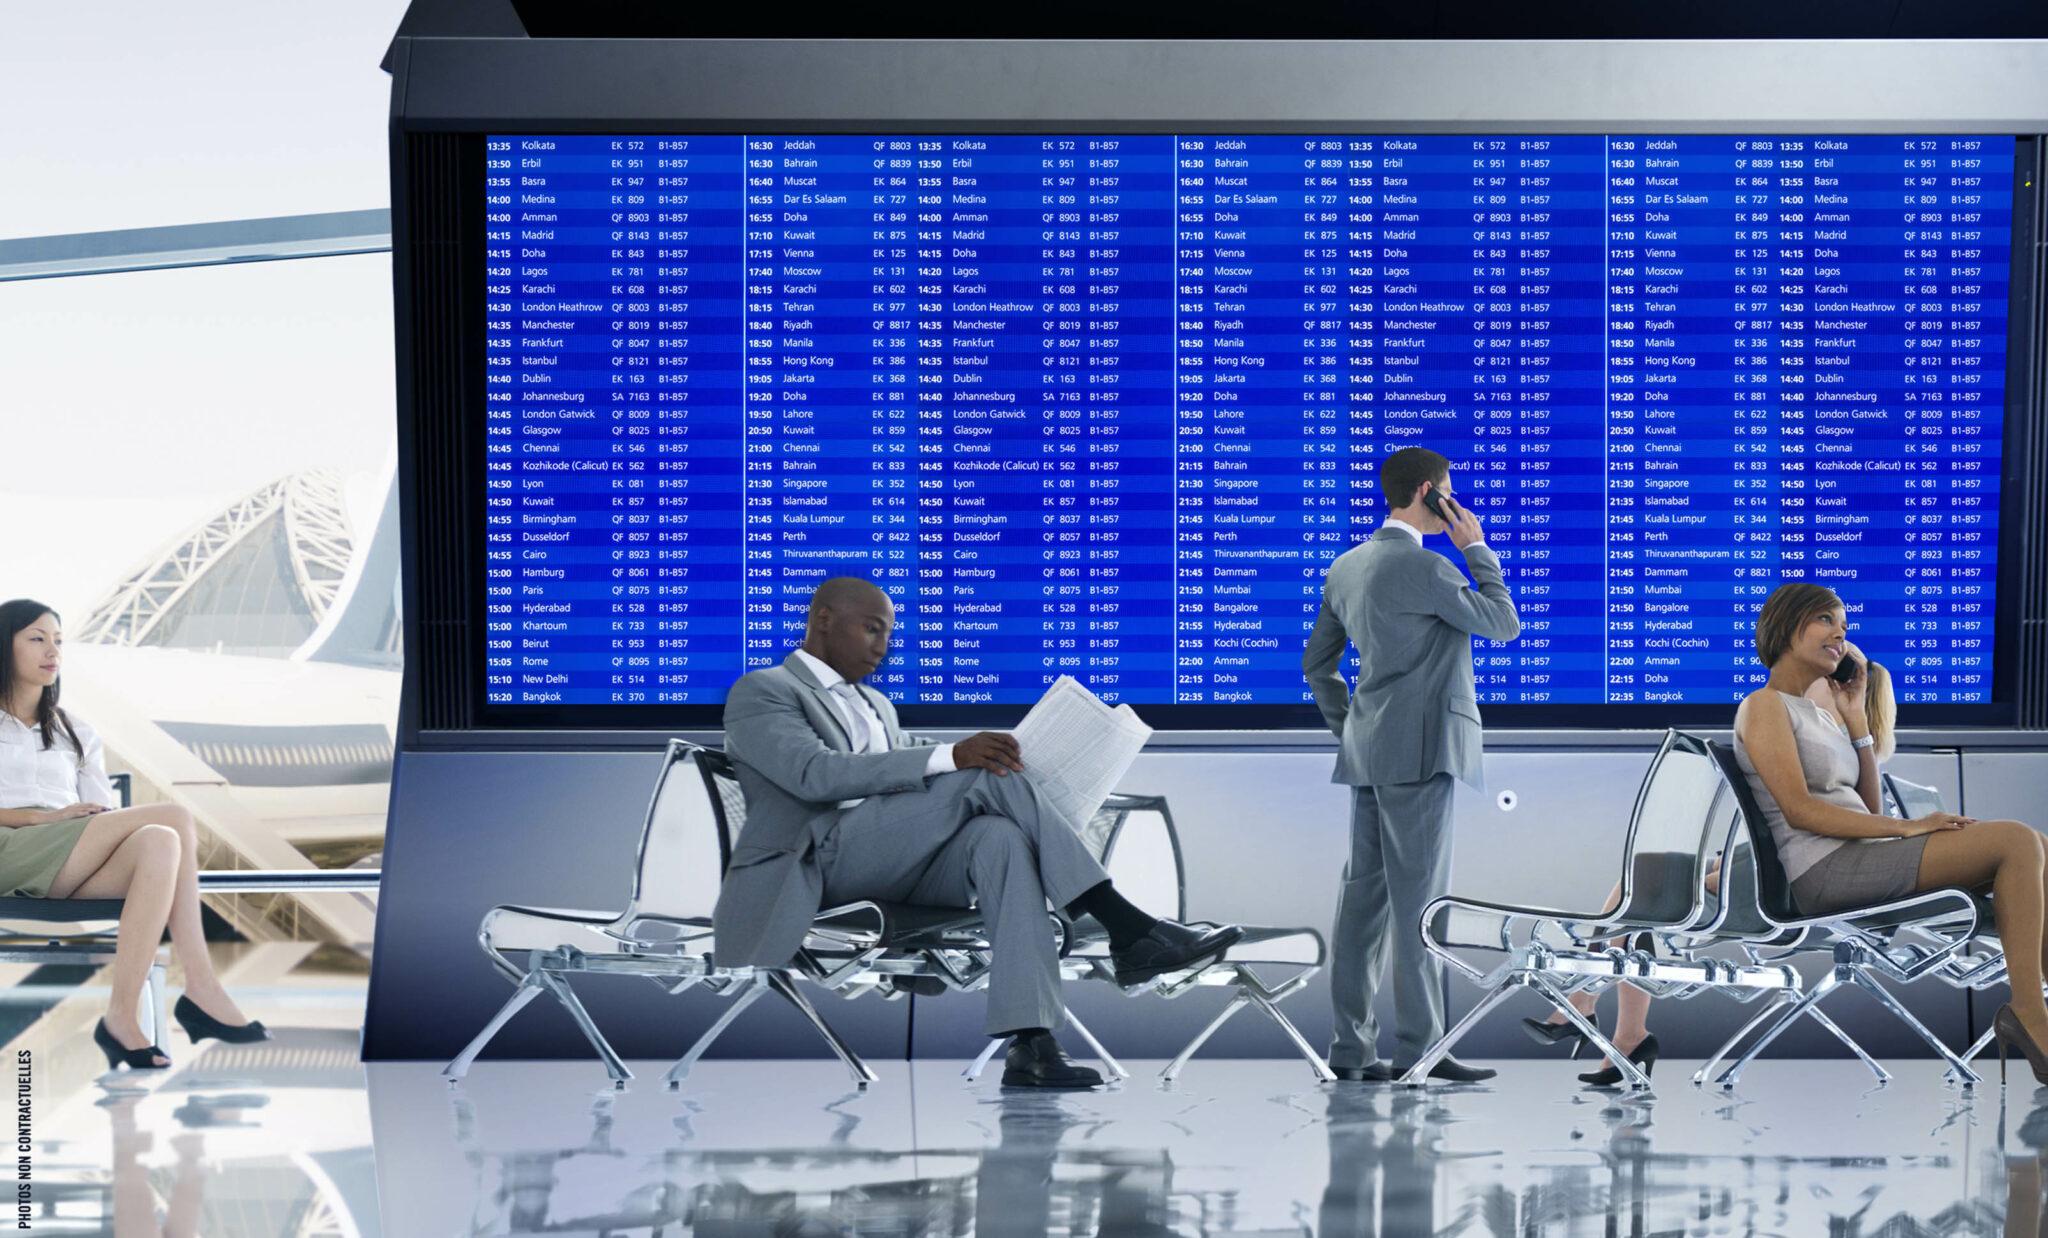 Les dalles écrans géants SHENZHEN Multimédia, sont un concentré de technologie unique en France.